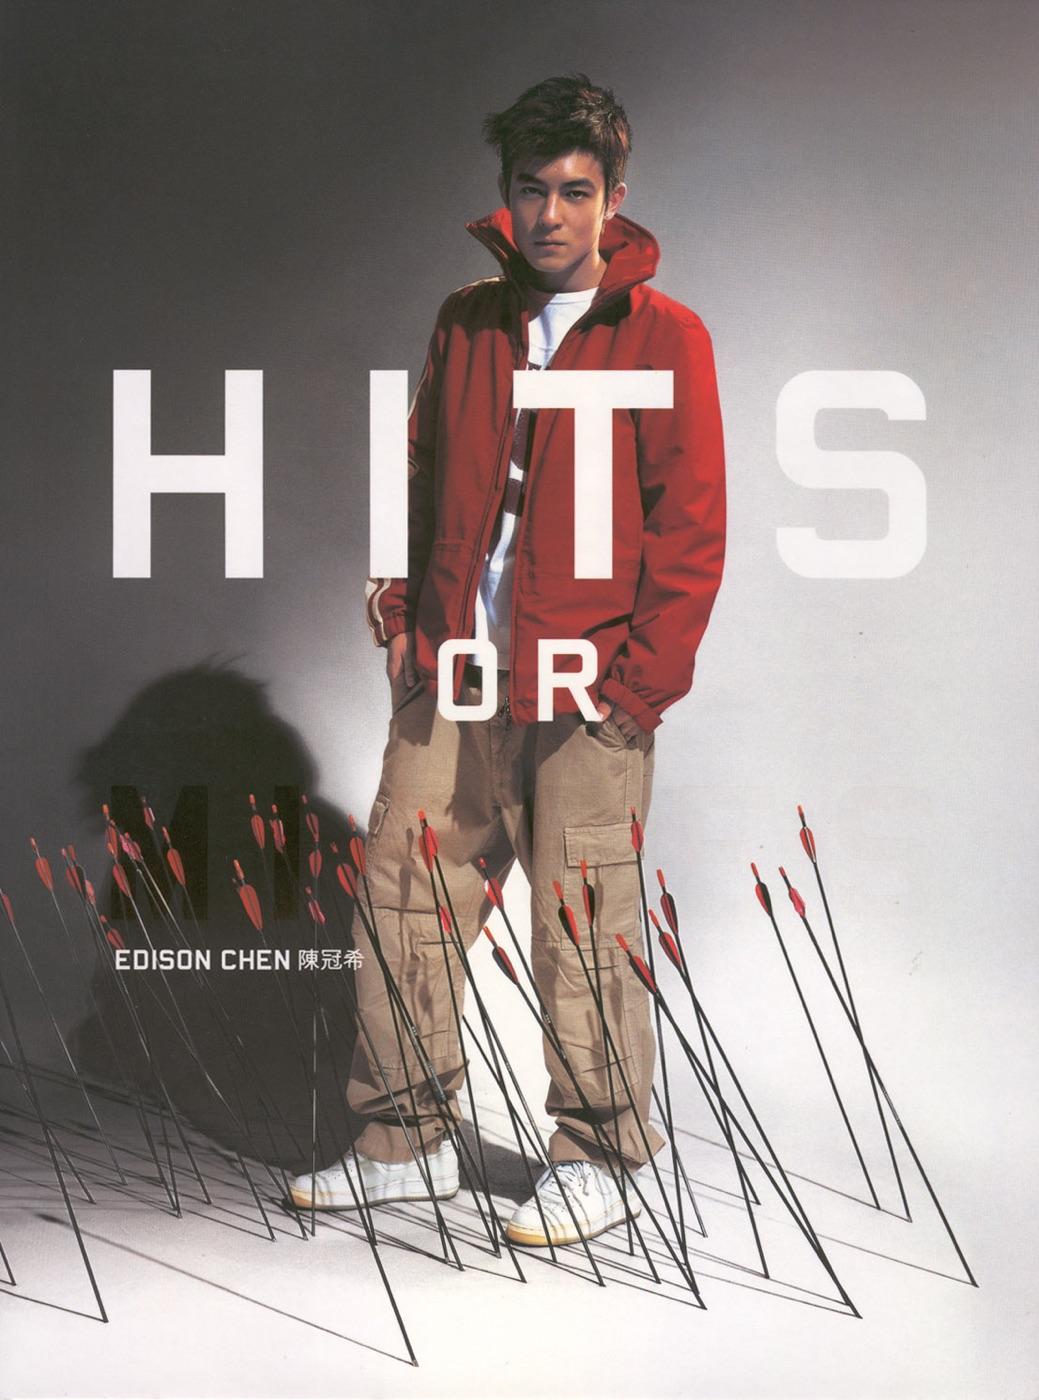 陈冠希 - Hits or Misses